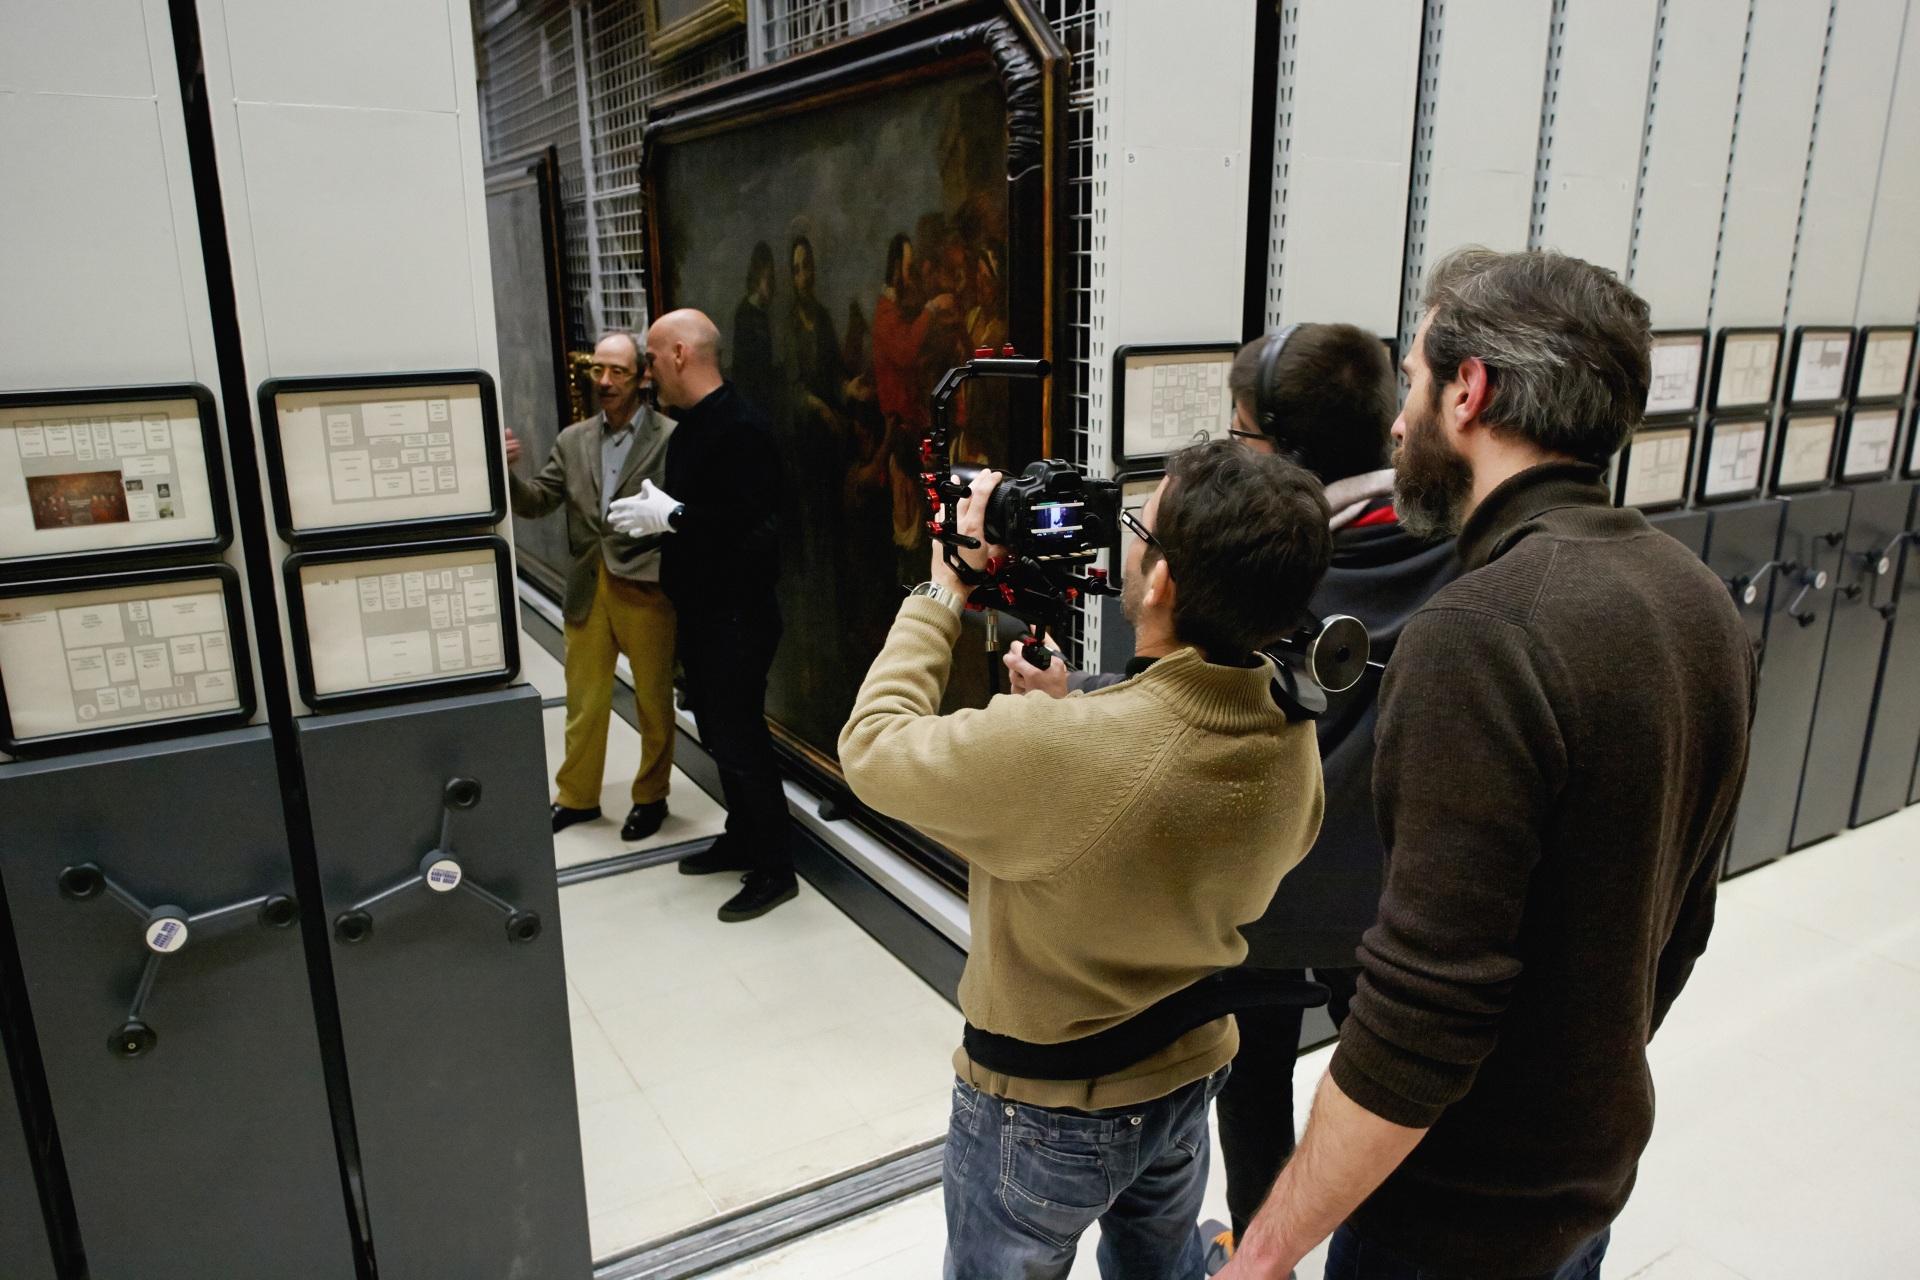 Making of de documental. Comisario, técnicos y director grabando en los archivos del Museu Nacional d\'Art de Catalunya.